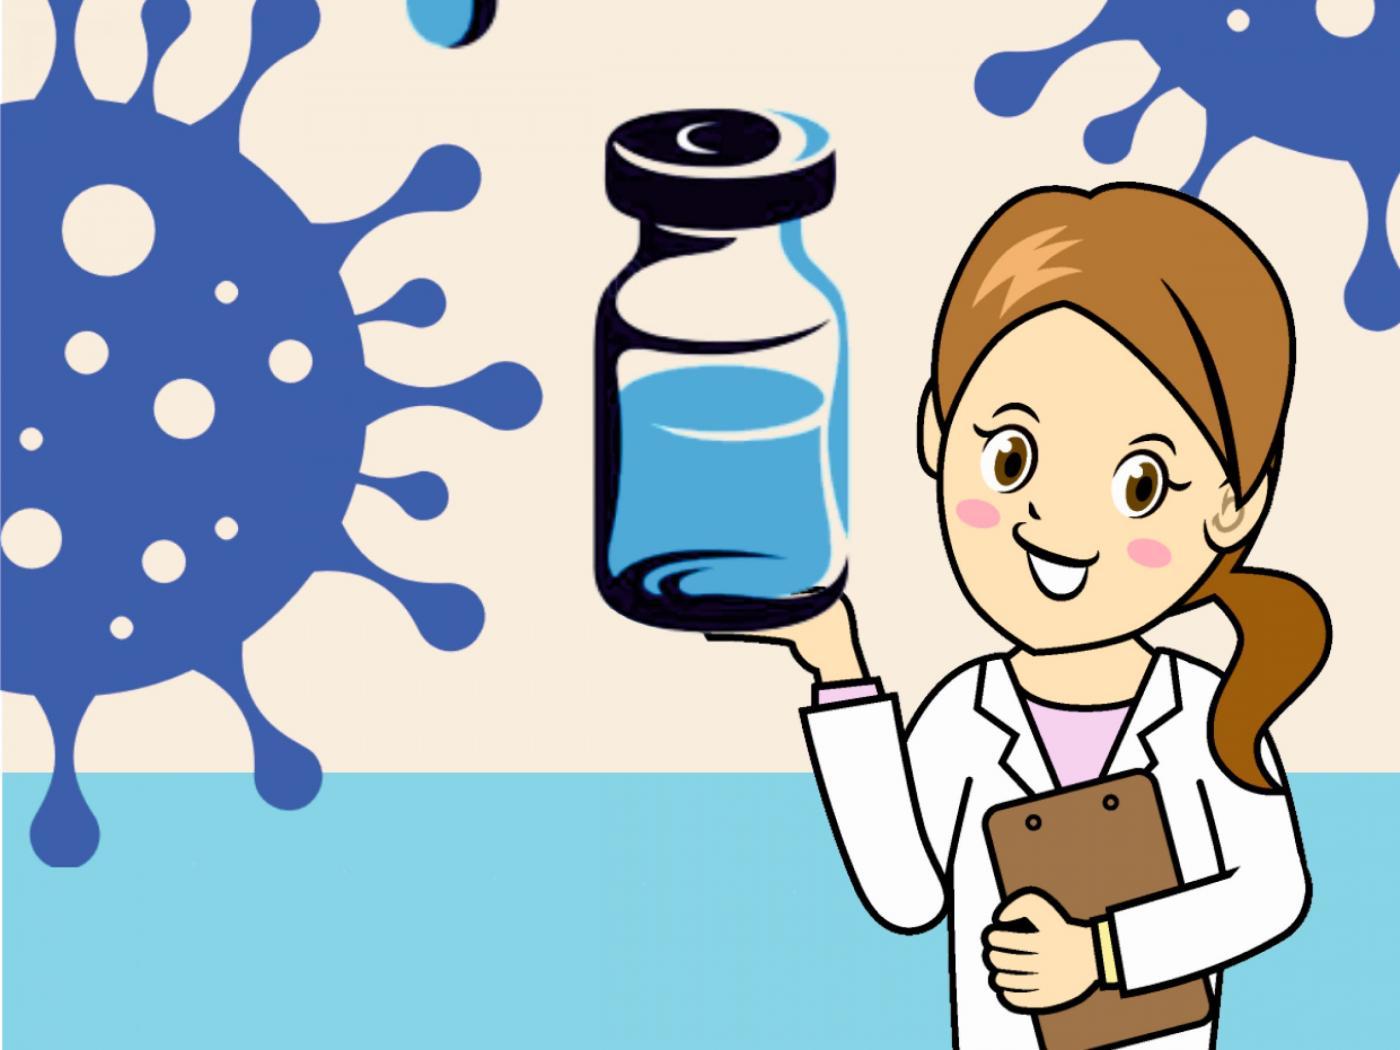 Вакцинация от Covid-19. Информация о пунктах вакцинации в г. Минске